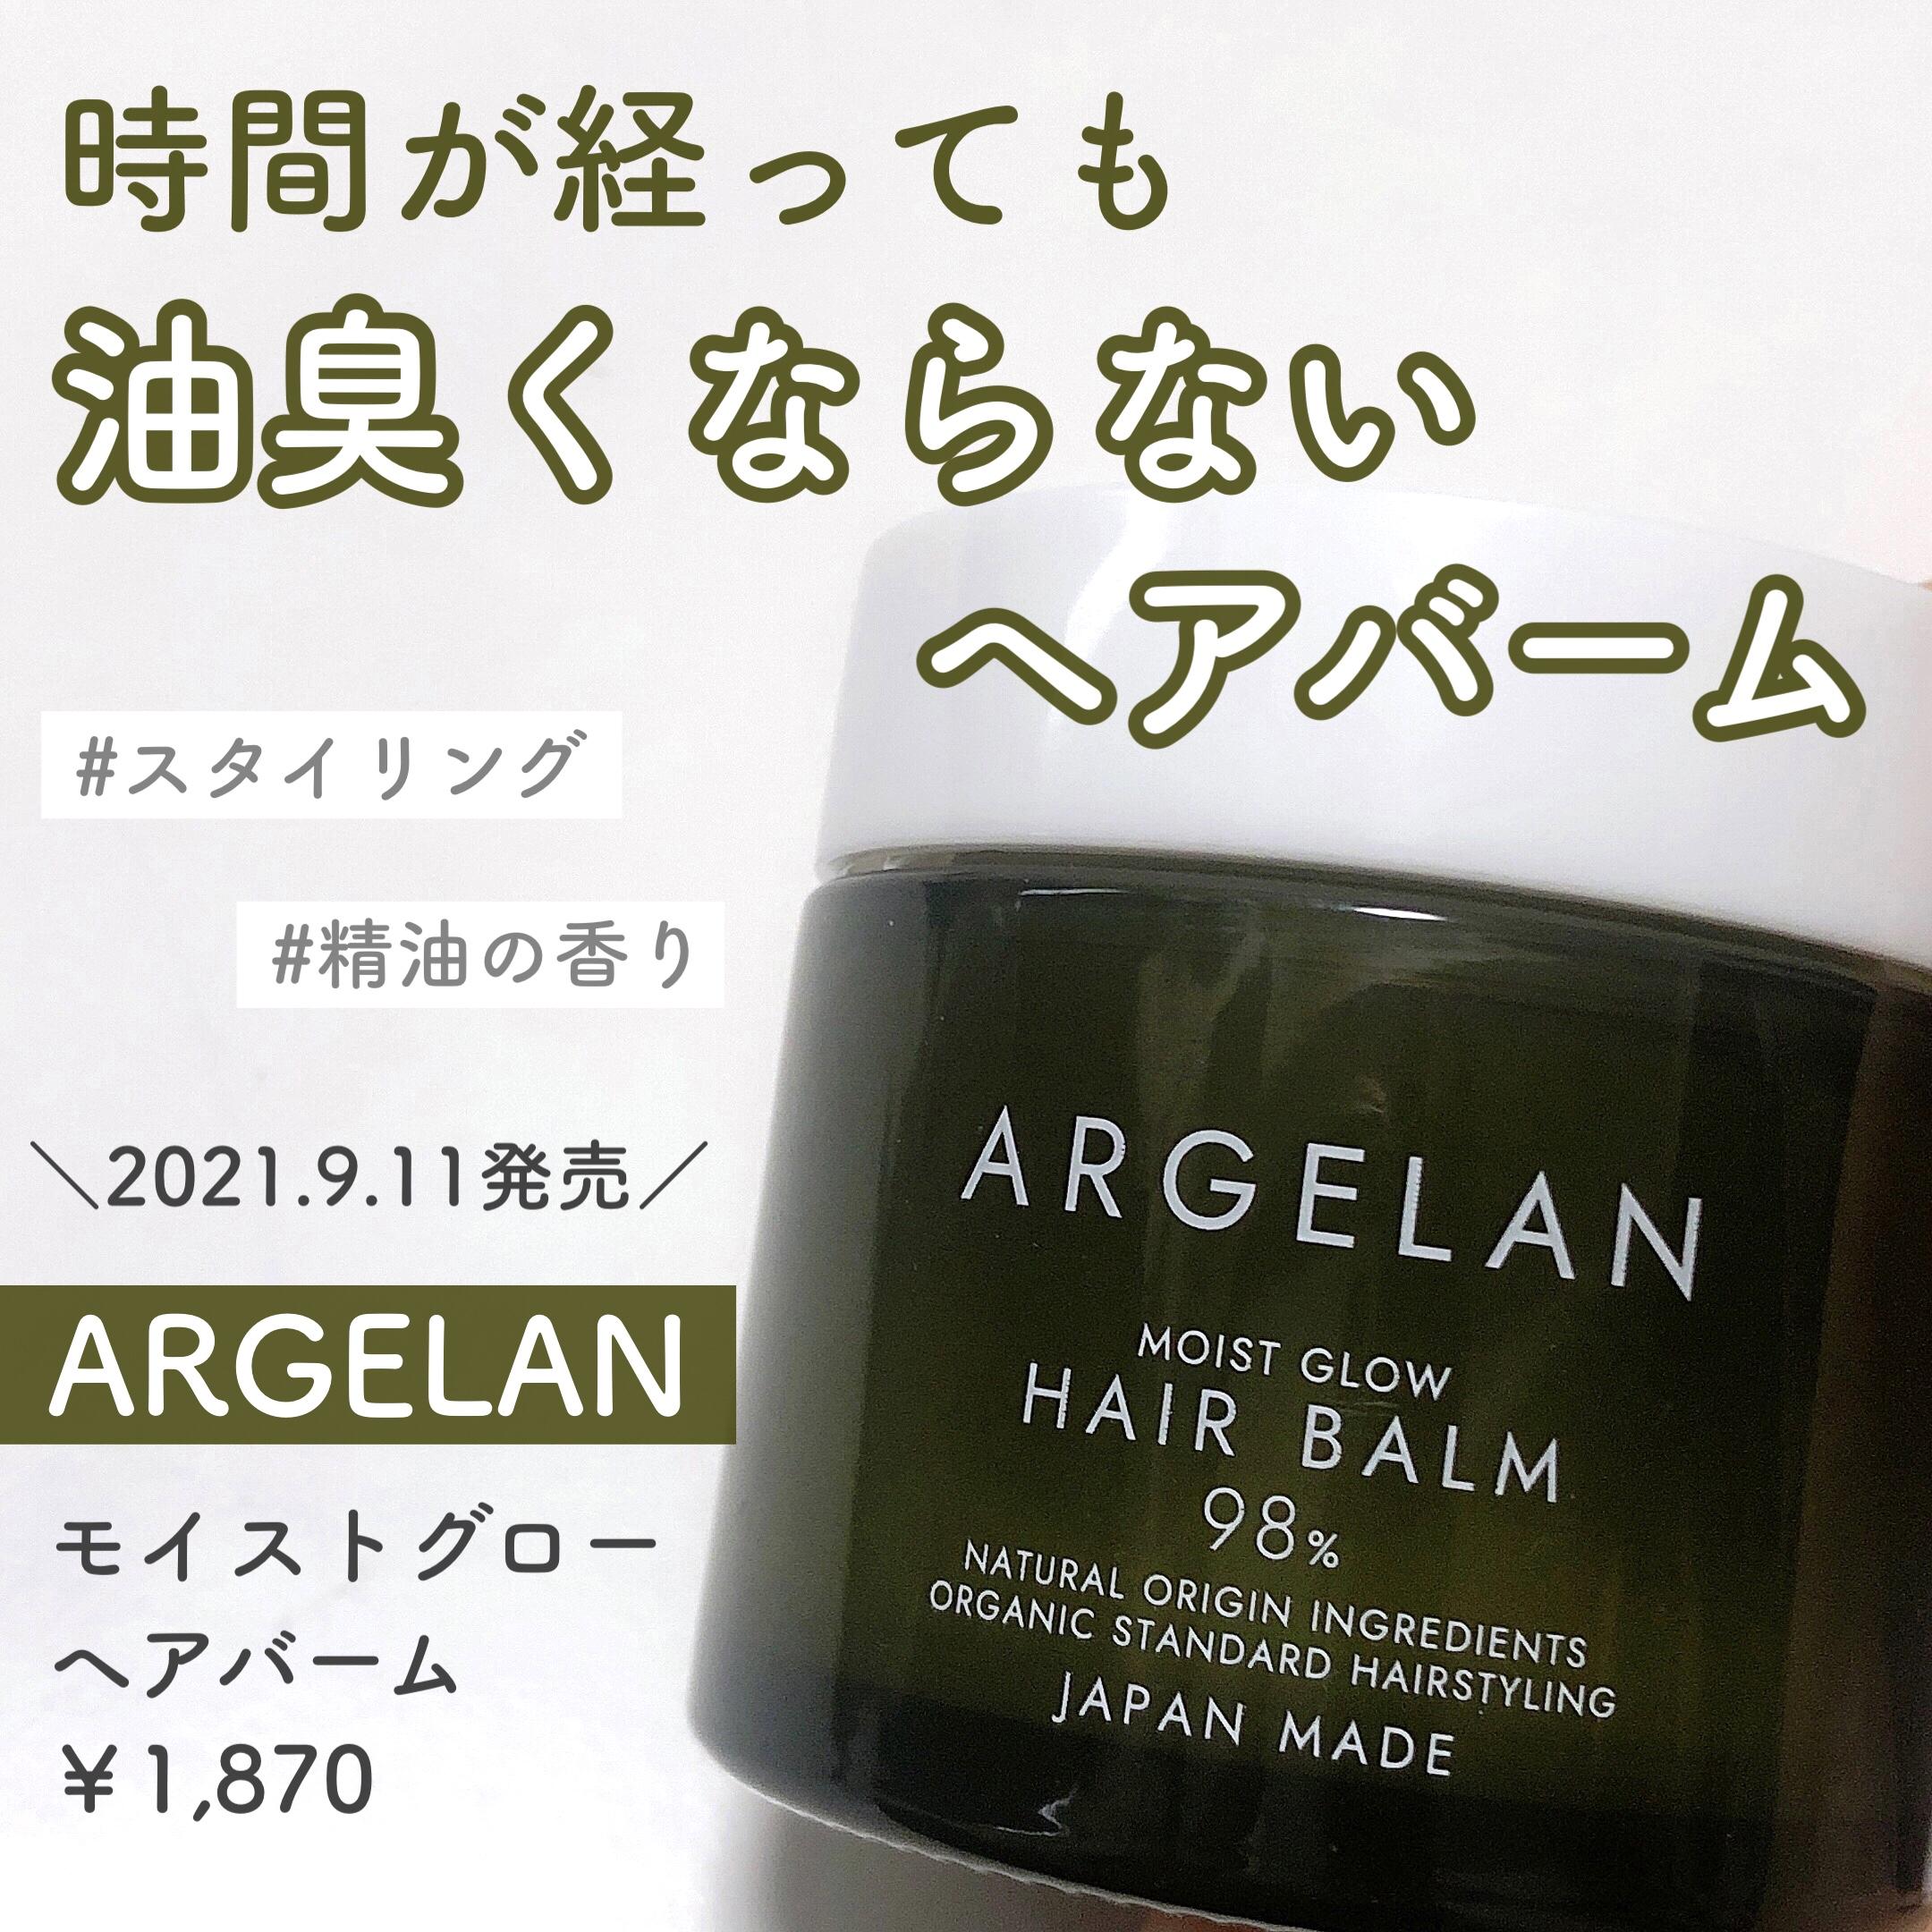 【9月新発売!!】アルジェランから天然由来98%のヘアスタイリング剤が登場✨